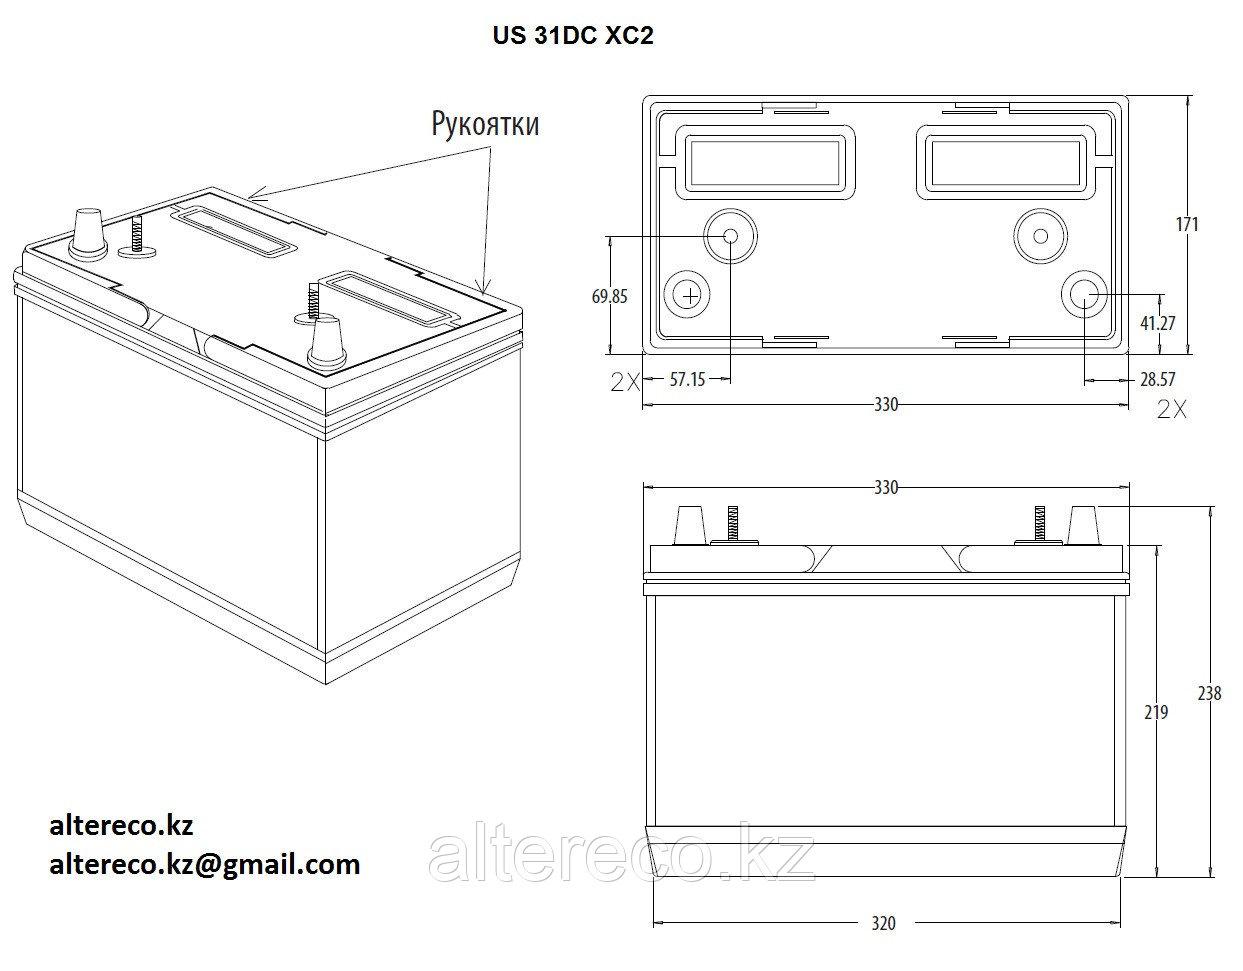 Аккумулятор для техники Bogaerts US 31 DCXC (12В, 130Ач) - фото 2